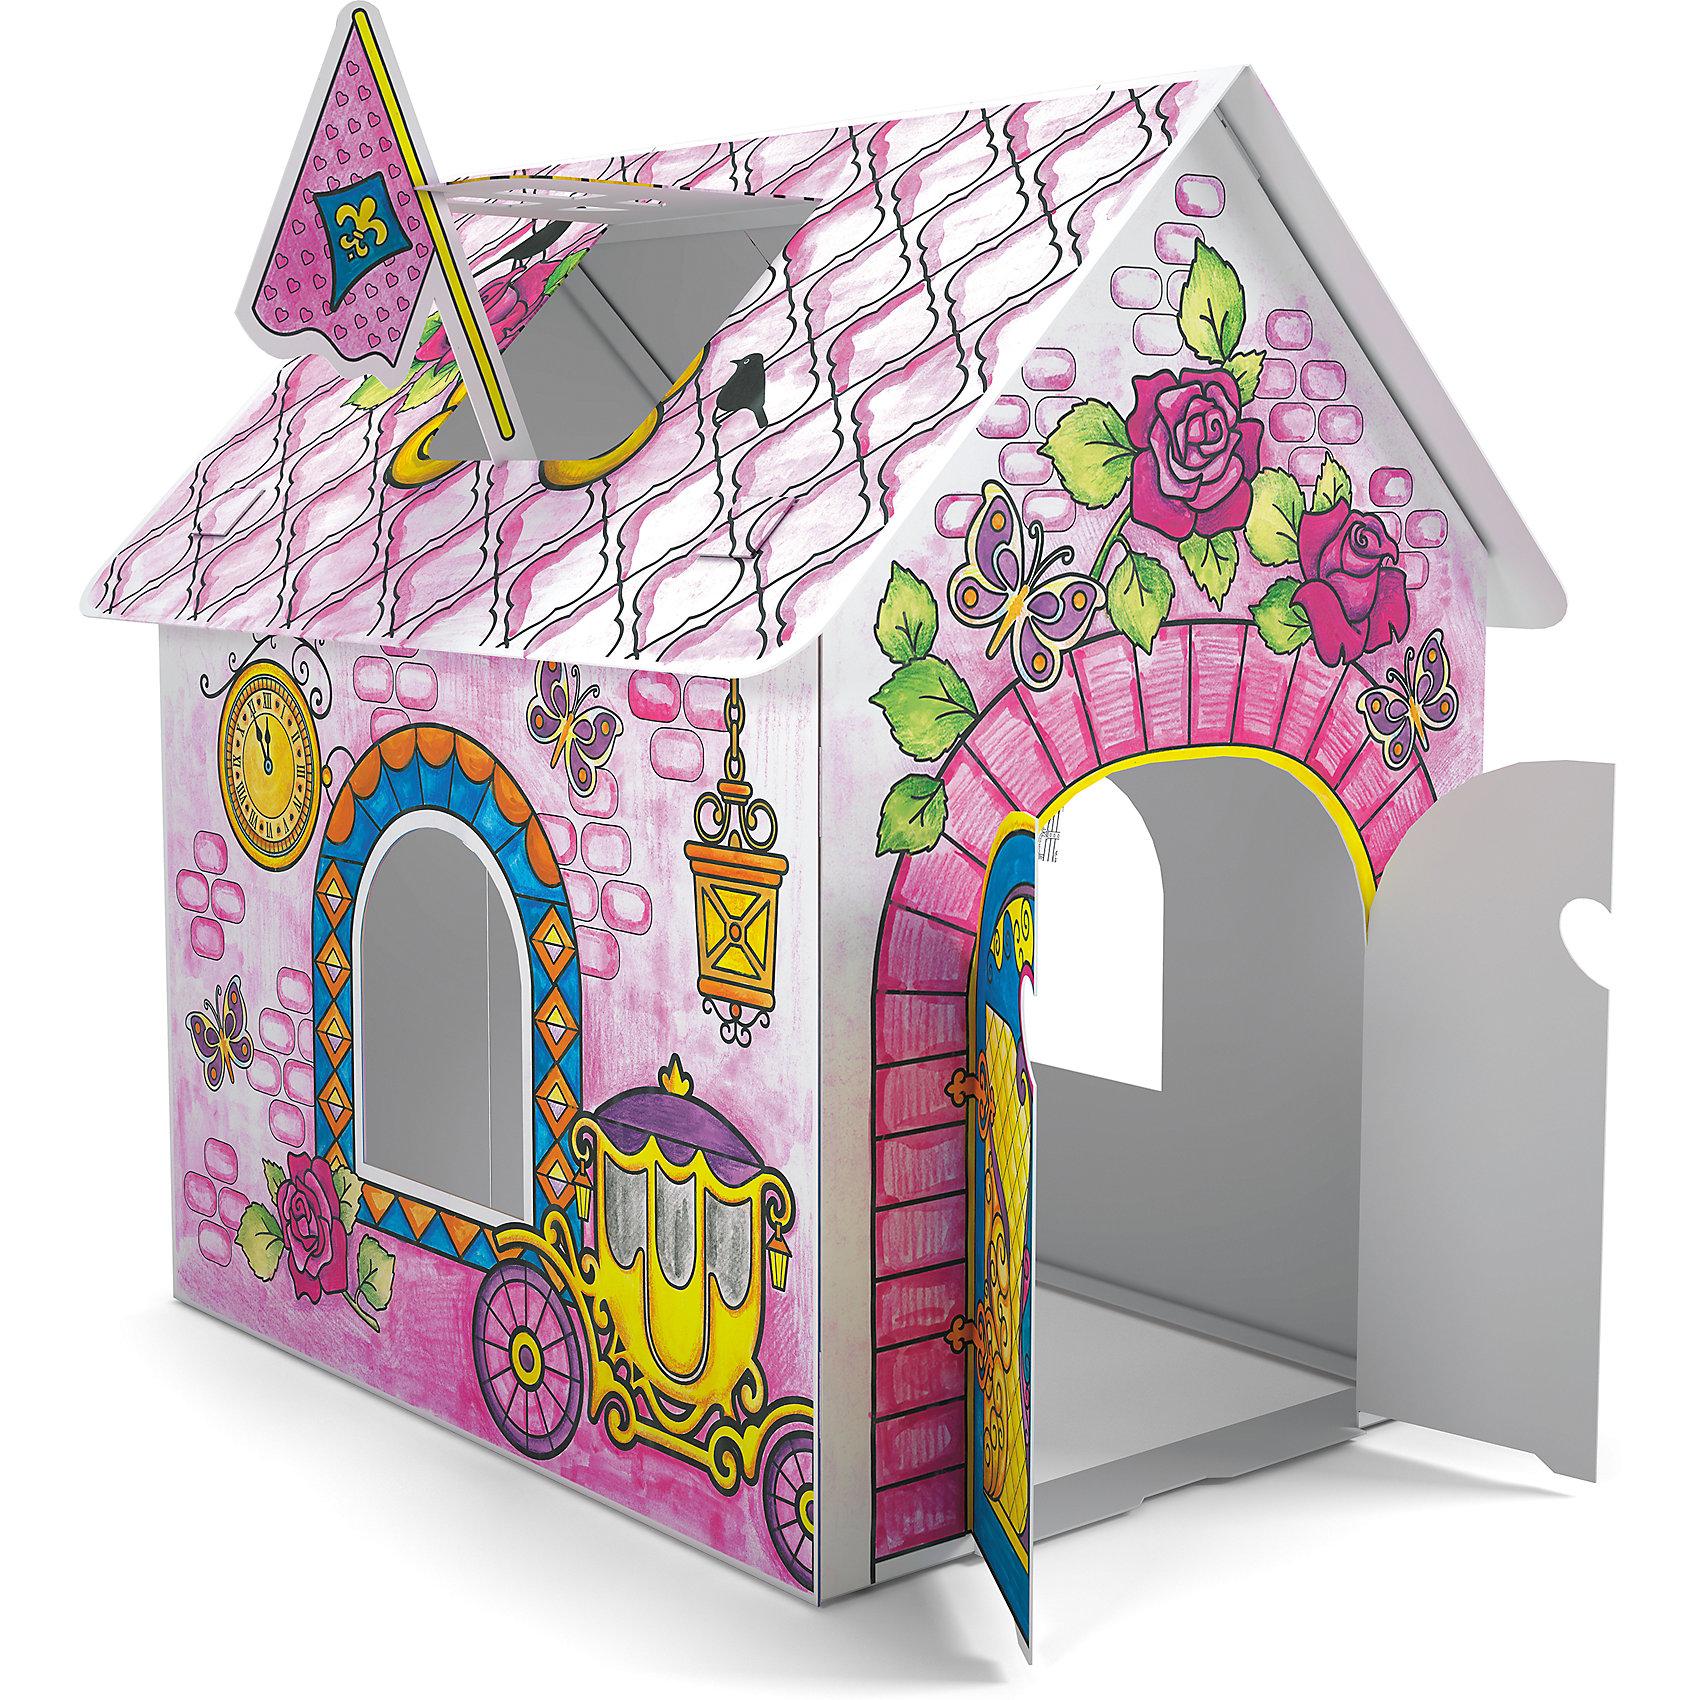 Домик для раскрашивания Замок принцессыРисование<br>Играть в принцесс обожает множество девчонок. Порадовать ребенка можно новым игровым набором от известного производителя - домиком для принцессы из прочного картона, который девочка сможет не только сама раскрасить, по и самостоятельно собрать, далее придумывая множество игр с этим вместительным жилищем принцессы. <br>Такая игрушка поможет развить не только творческие способности ребенка, но и мелкую моторику, художественный вкус, логику, внимательность и умение нестандартно мыслить.<br><br>Дополнительная информация:<br><br>Состав: детали для сборки (картон) + 6 цветных мелков в подарок;<br>Размер домика: 93х62х84 см;<br>Размер упаковки: 25х32х32 см.<br>Возраст: от трех лет.<br><br>Домик для раскрашивания Замок принцессы (для девочек) от компании ErichKrause можно купить в нашем магазине.<br><br>Ширина мм: 300<br>Глубина мм: 150<br>Высота мм: 400<br>Вес г: 510<br>Цвет: розовый<br>Возраст от месяцев: 36<br>Возраст до месяцев: 180<br>Пол: Женский<br>Возраст: Детский<br>SKU: 4915817